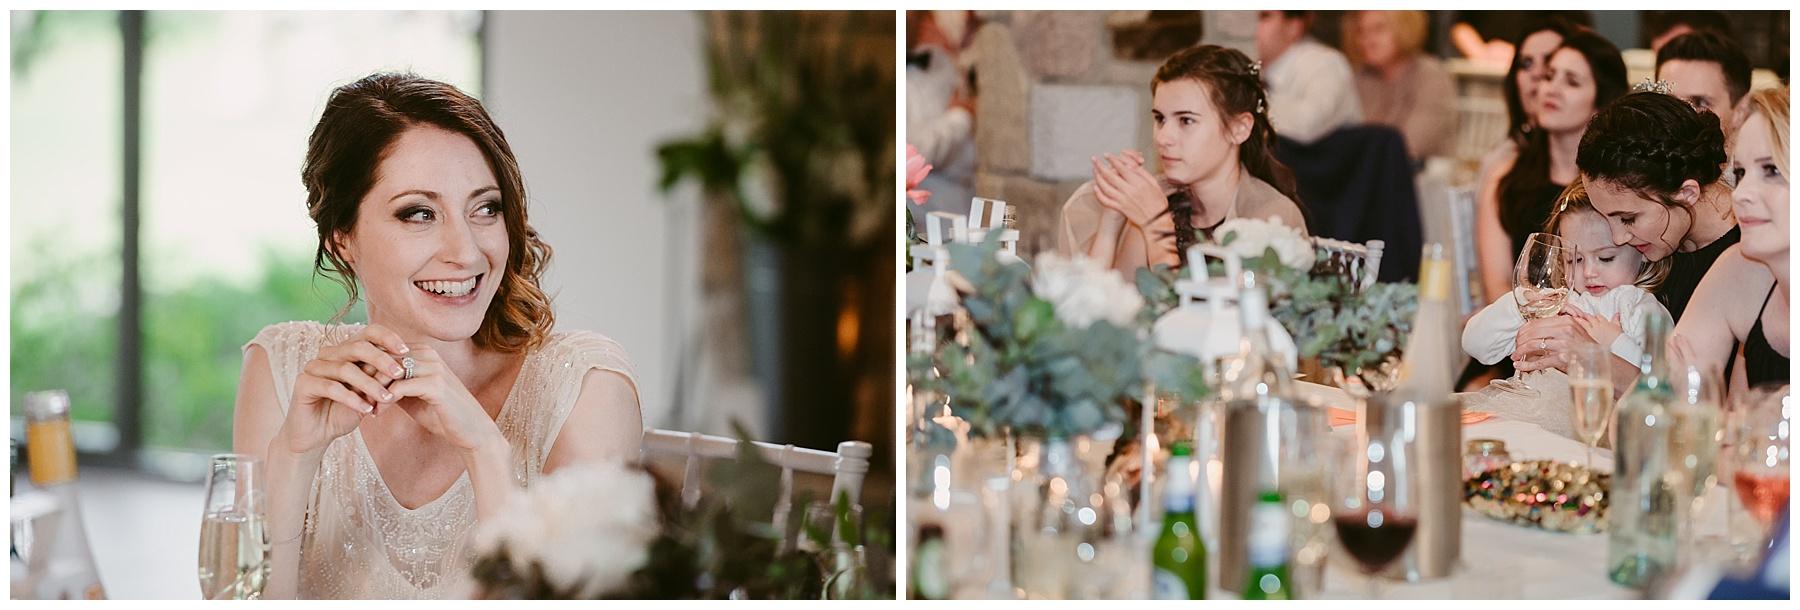 Enzo Wedding Photographer_0066.jpg